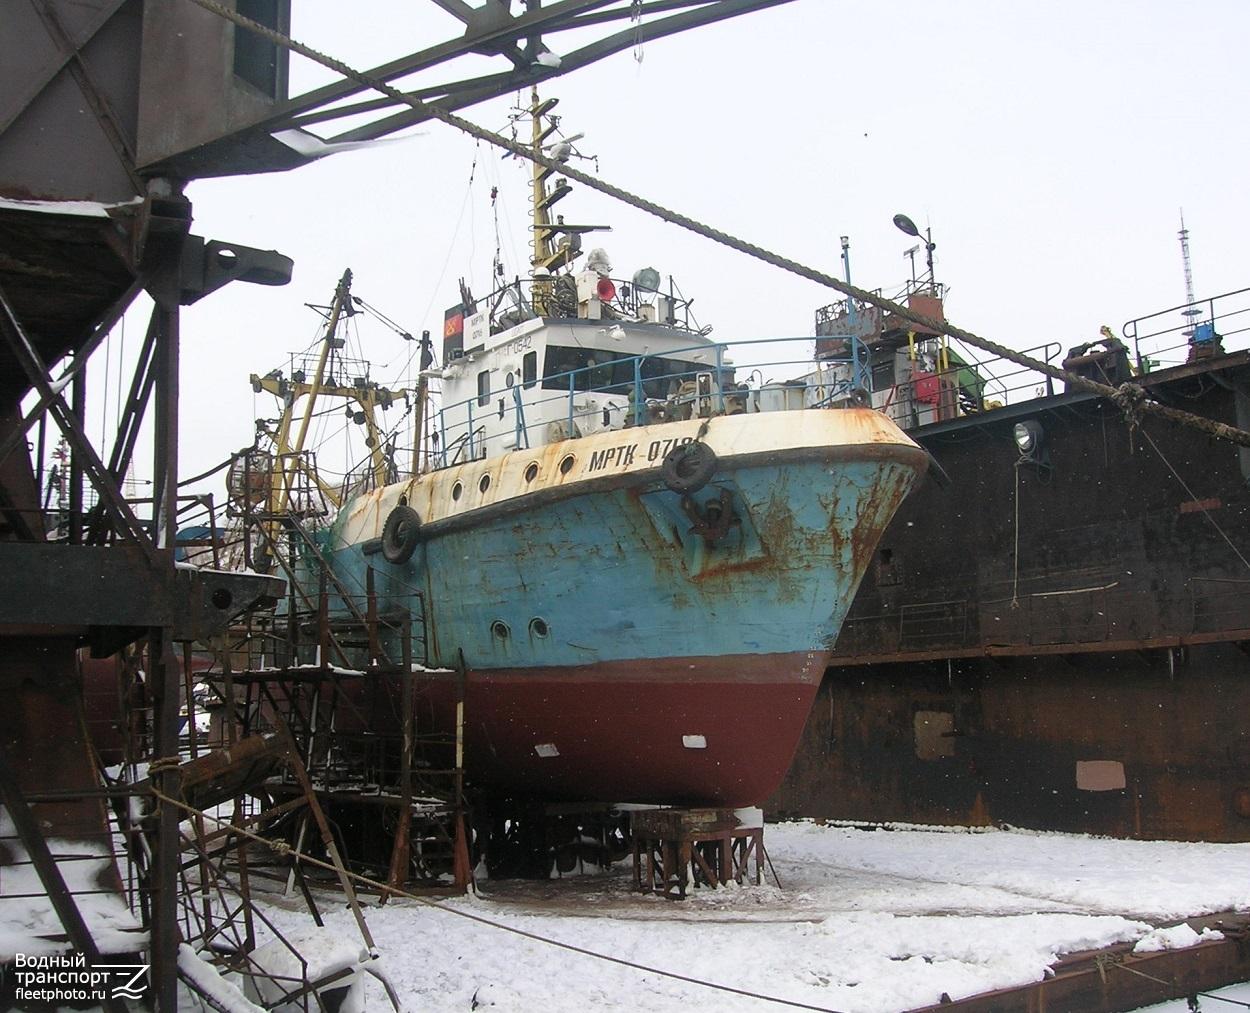 парадная форма фото судна мртк типа балтика более распространены